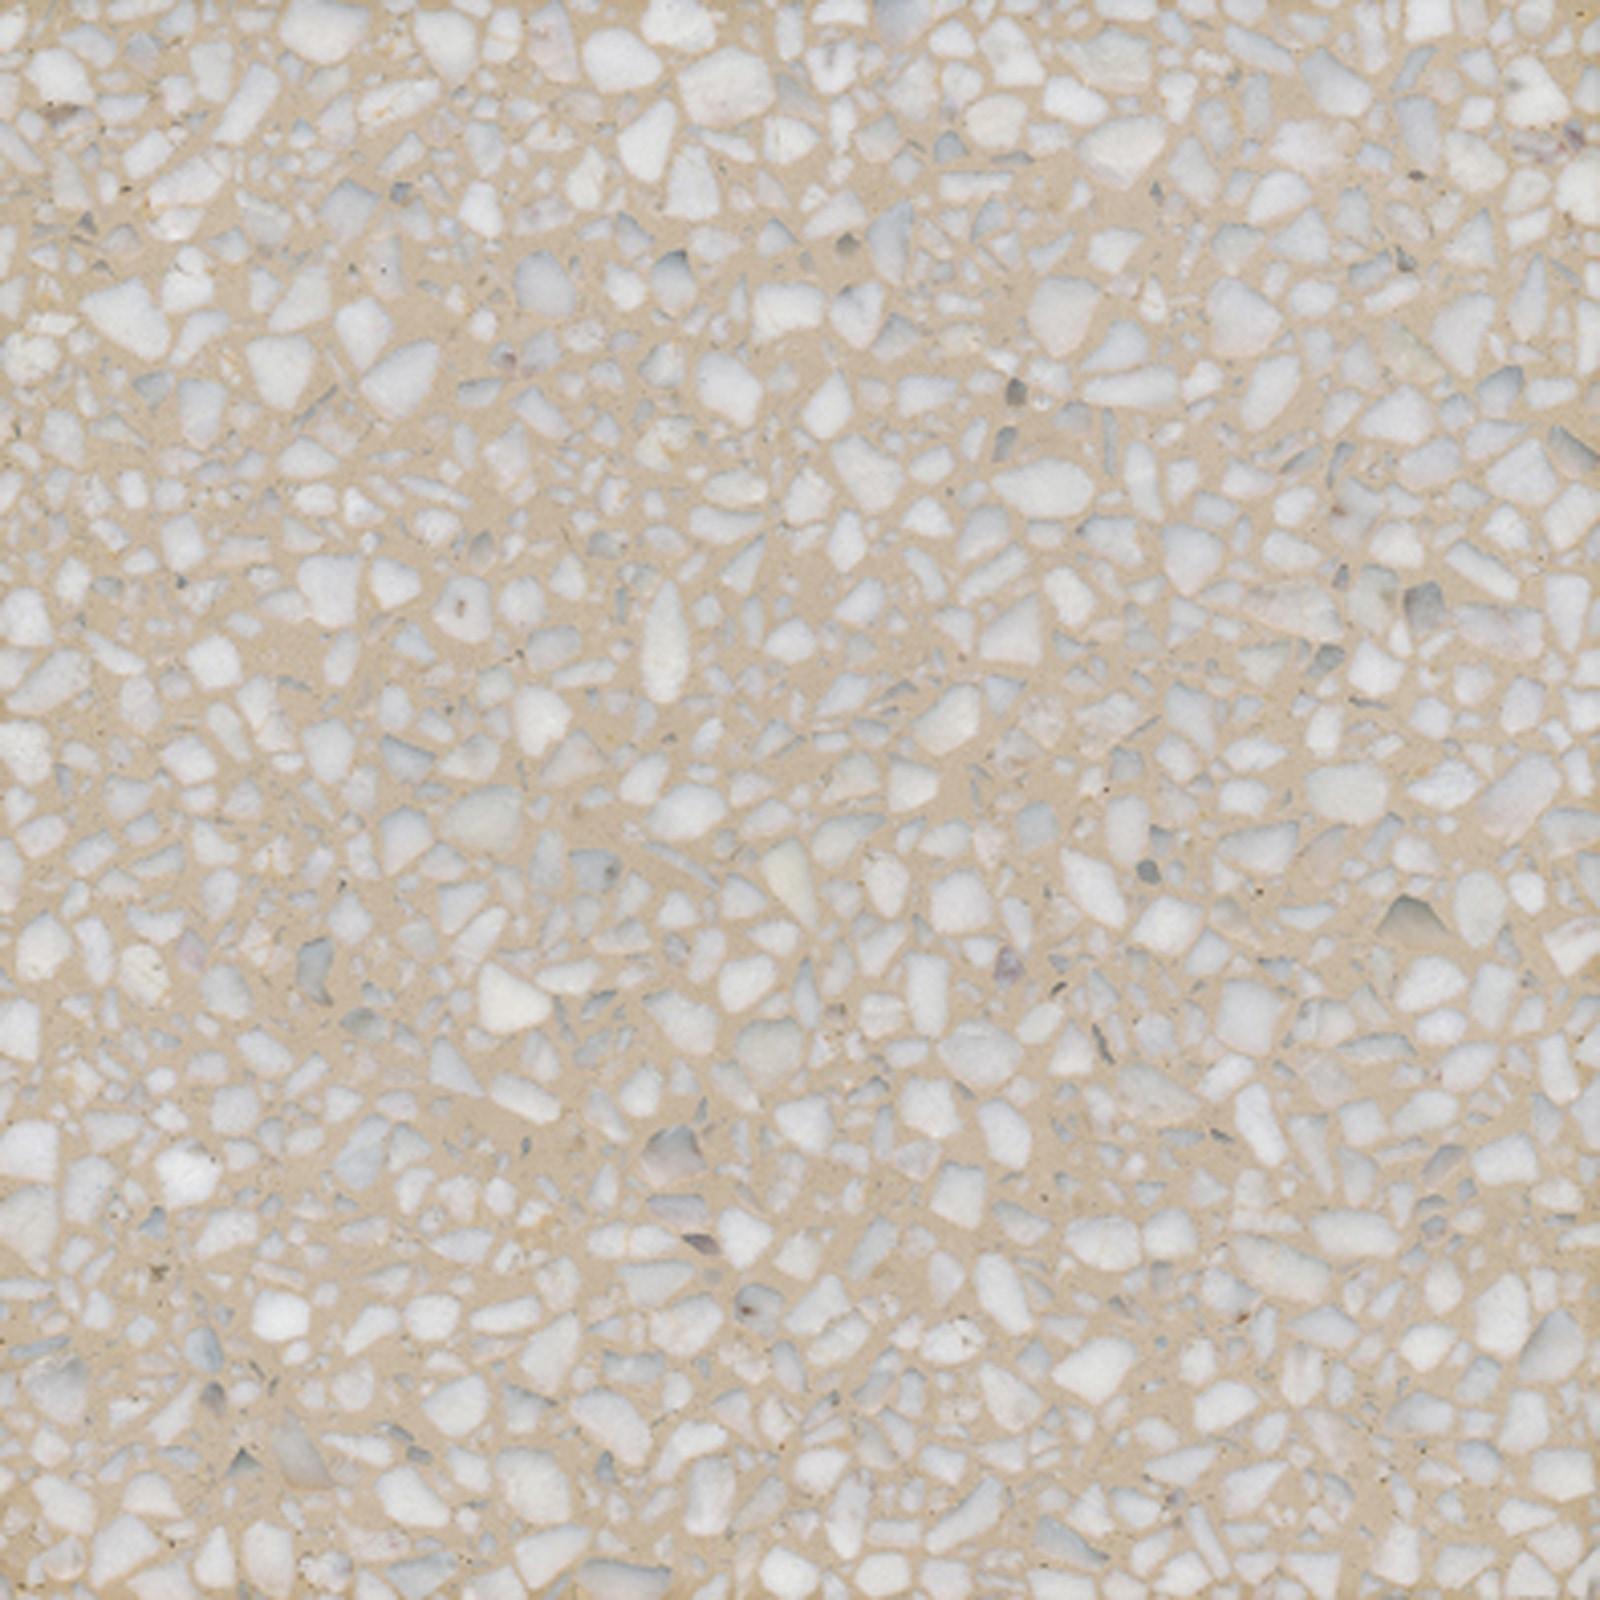 VIA Terrazzoplatte grob in beige